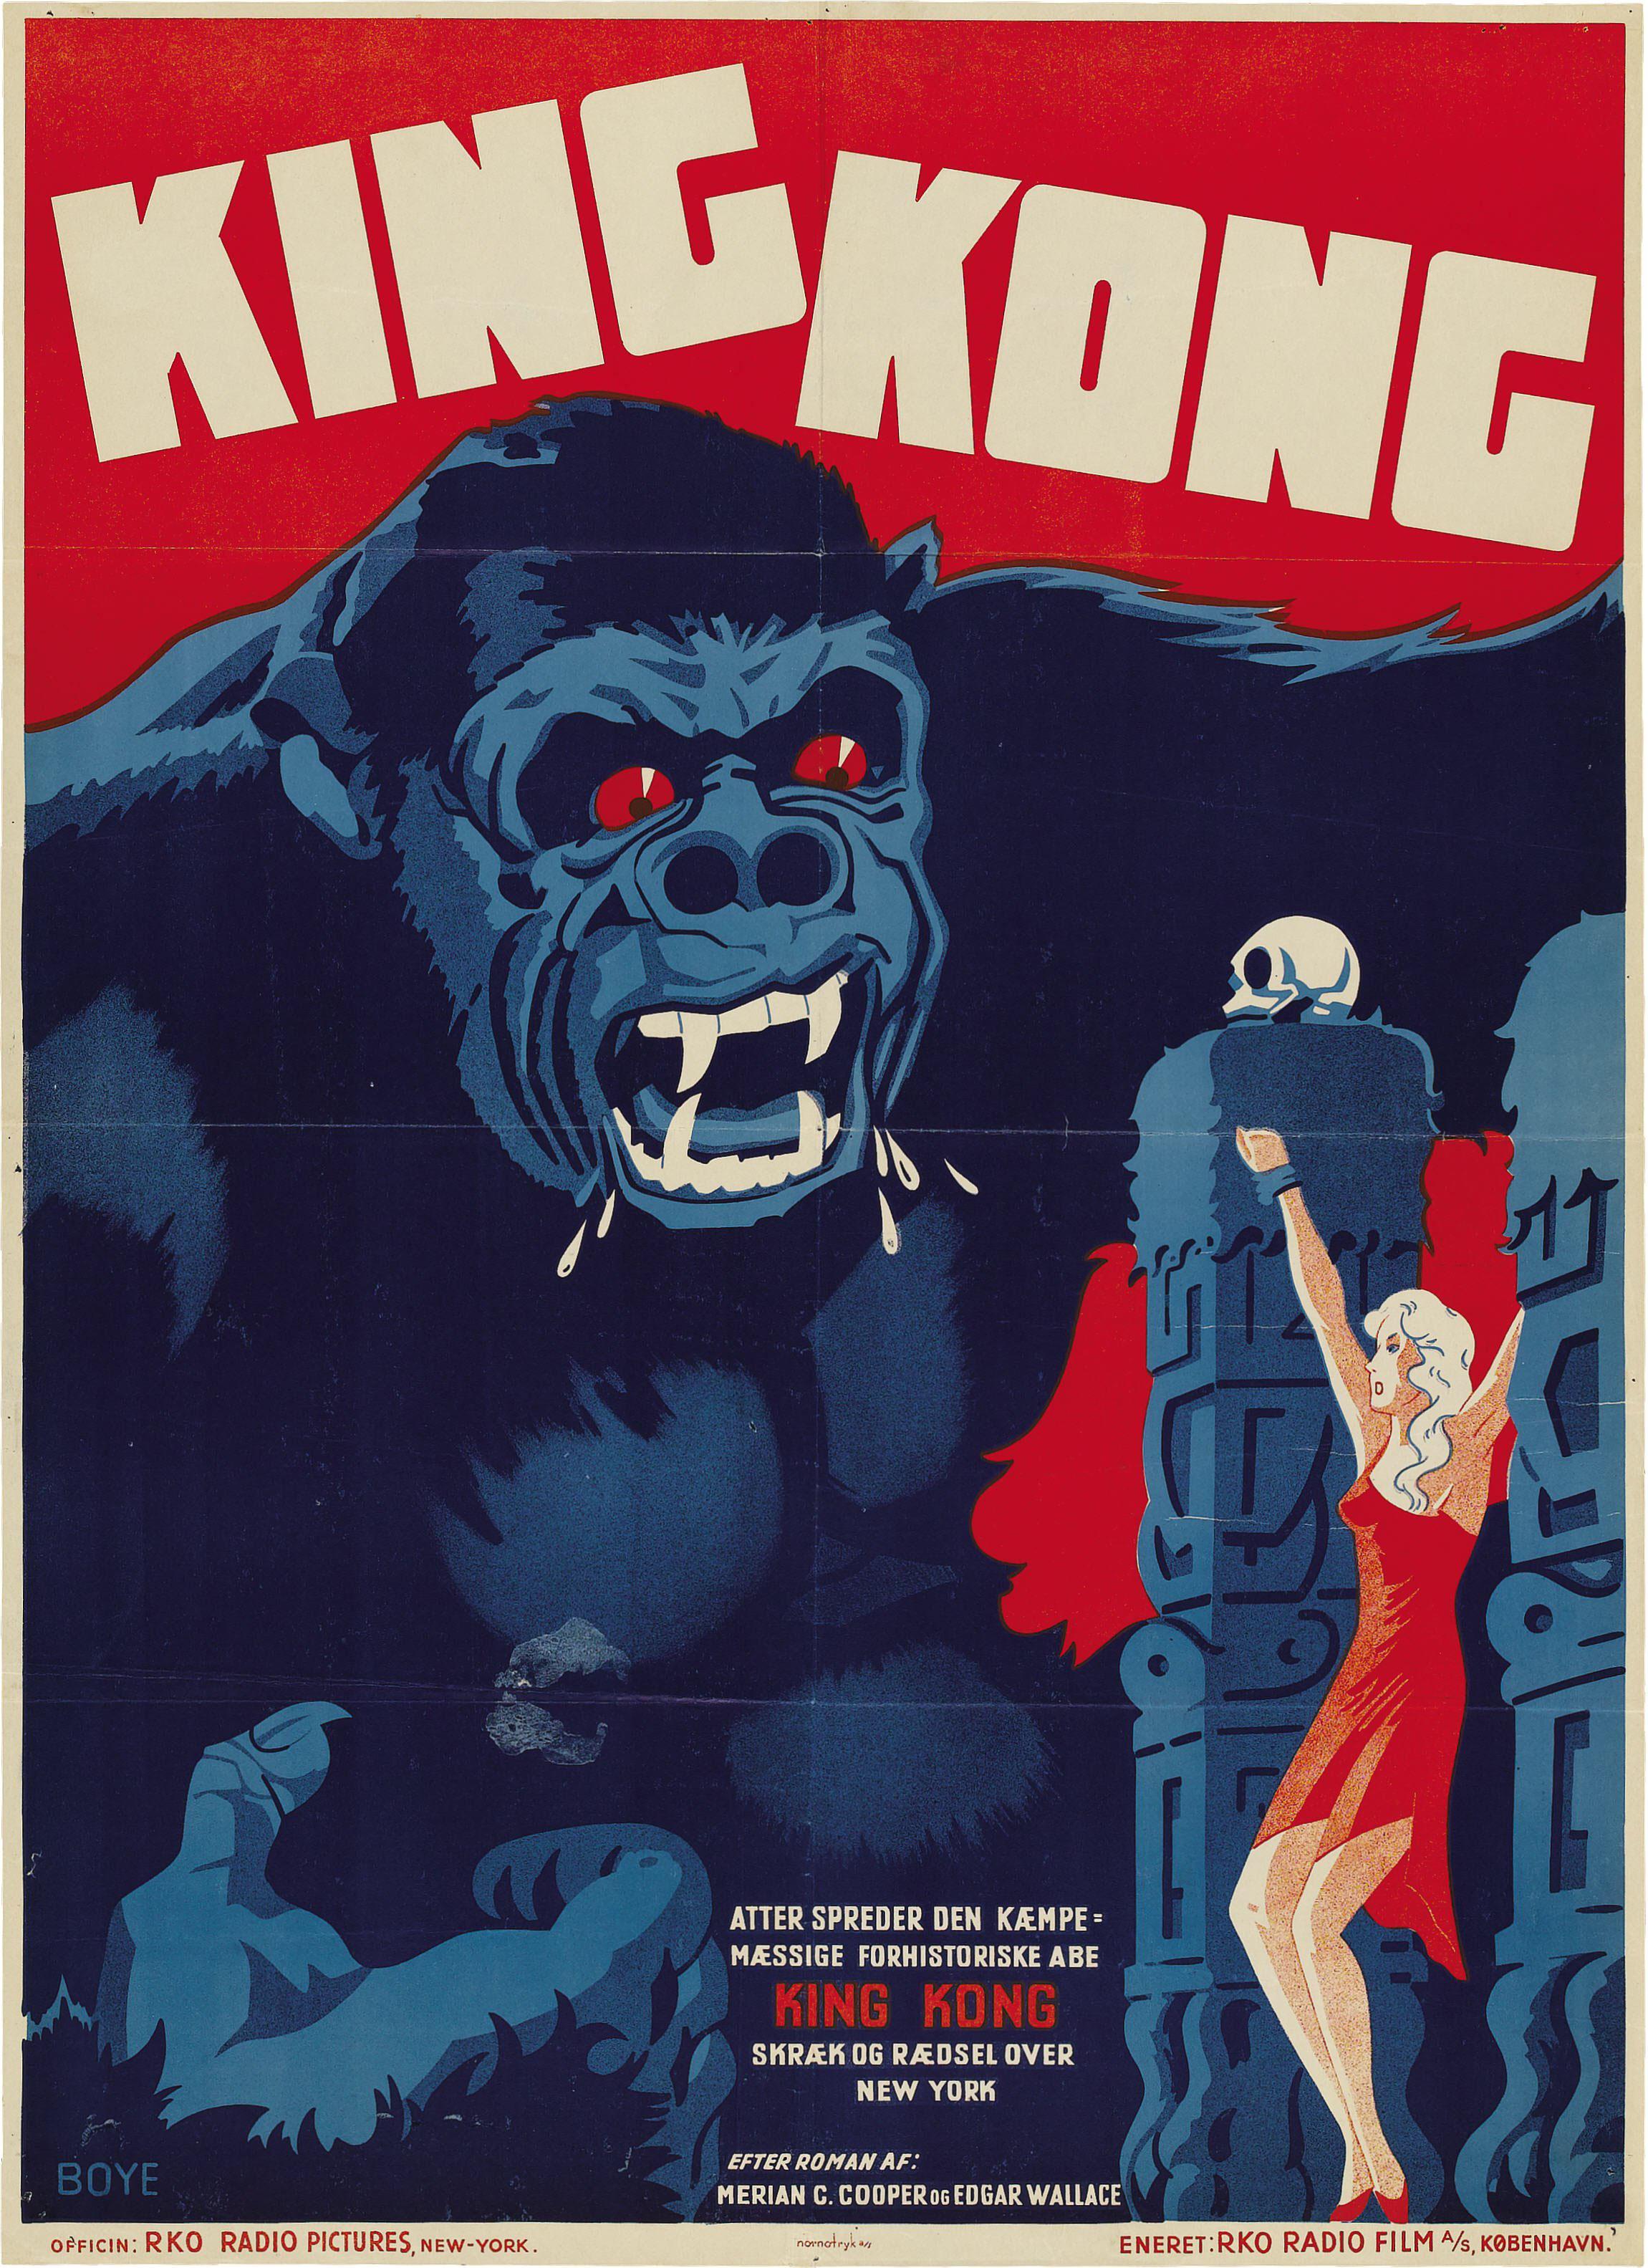 Le symbole de King Kong